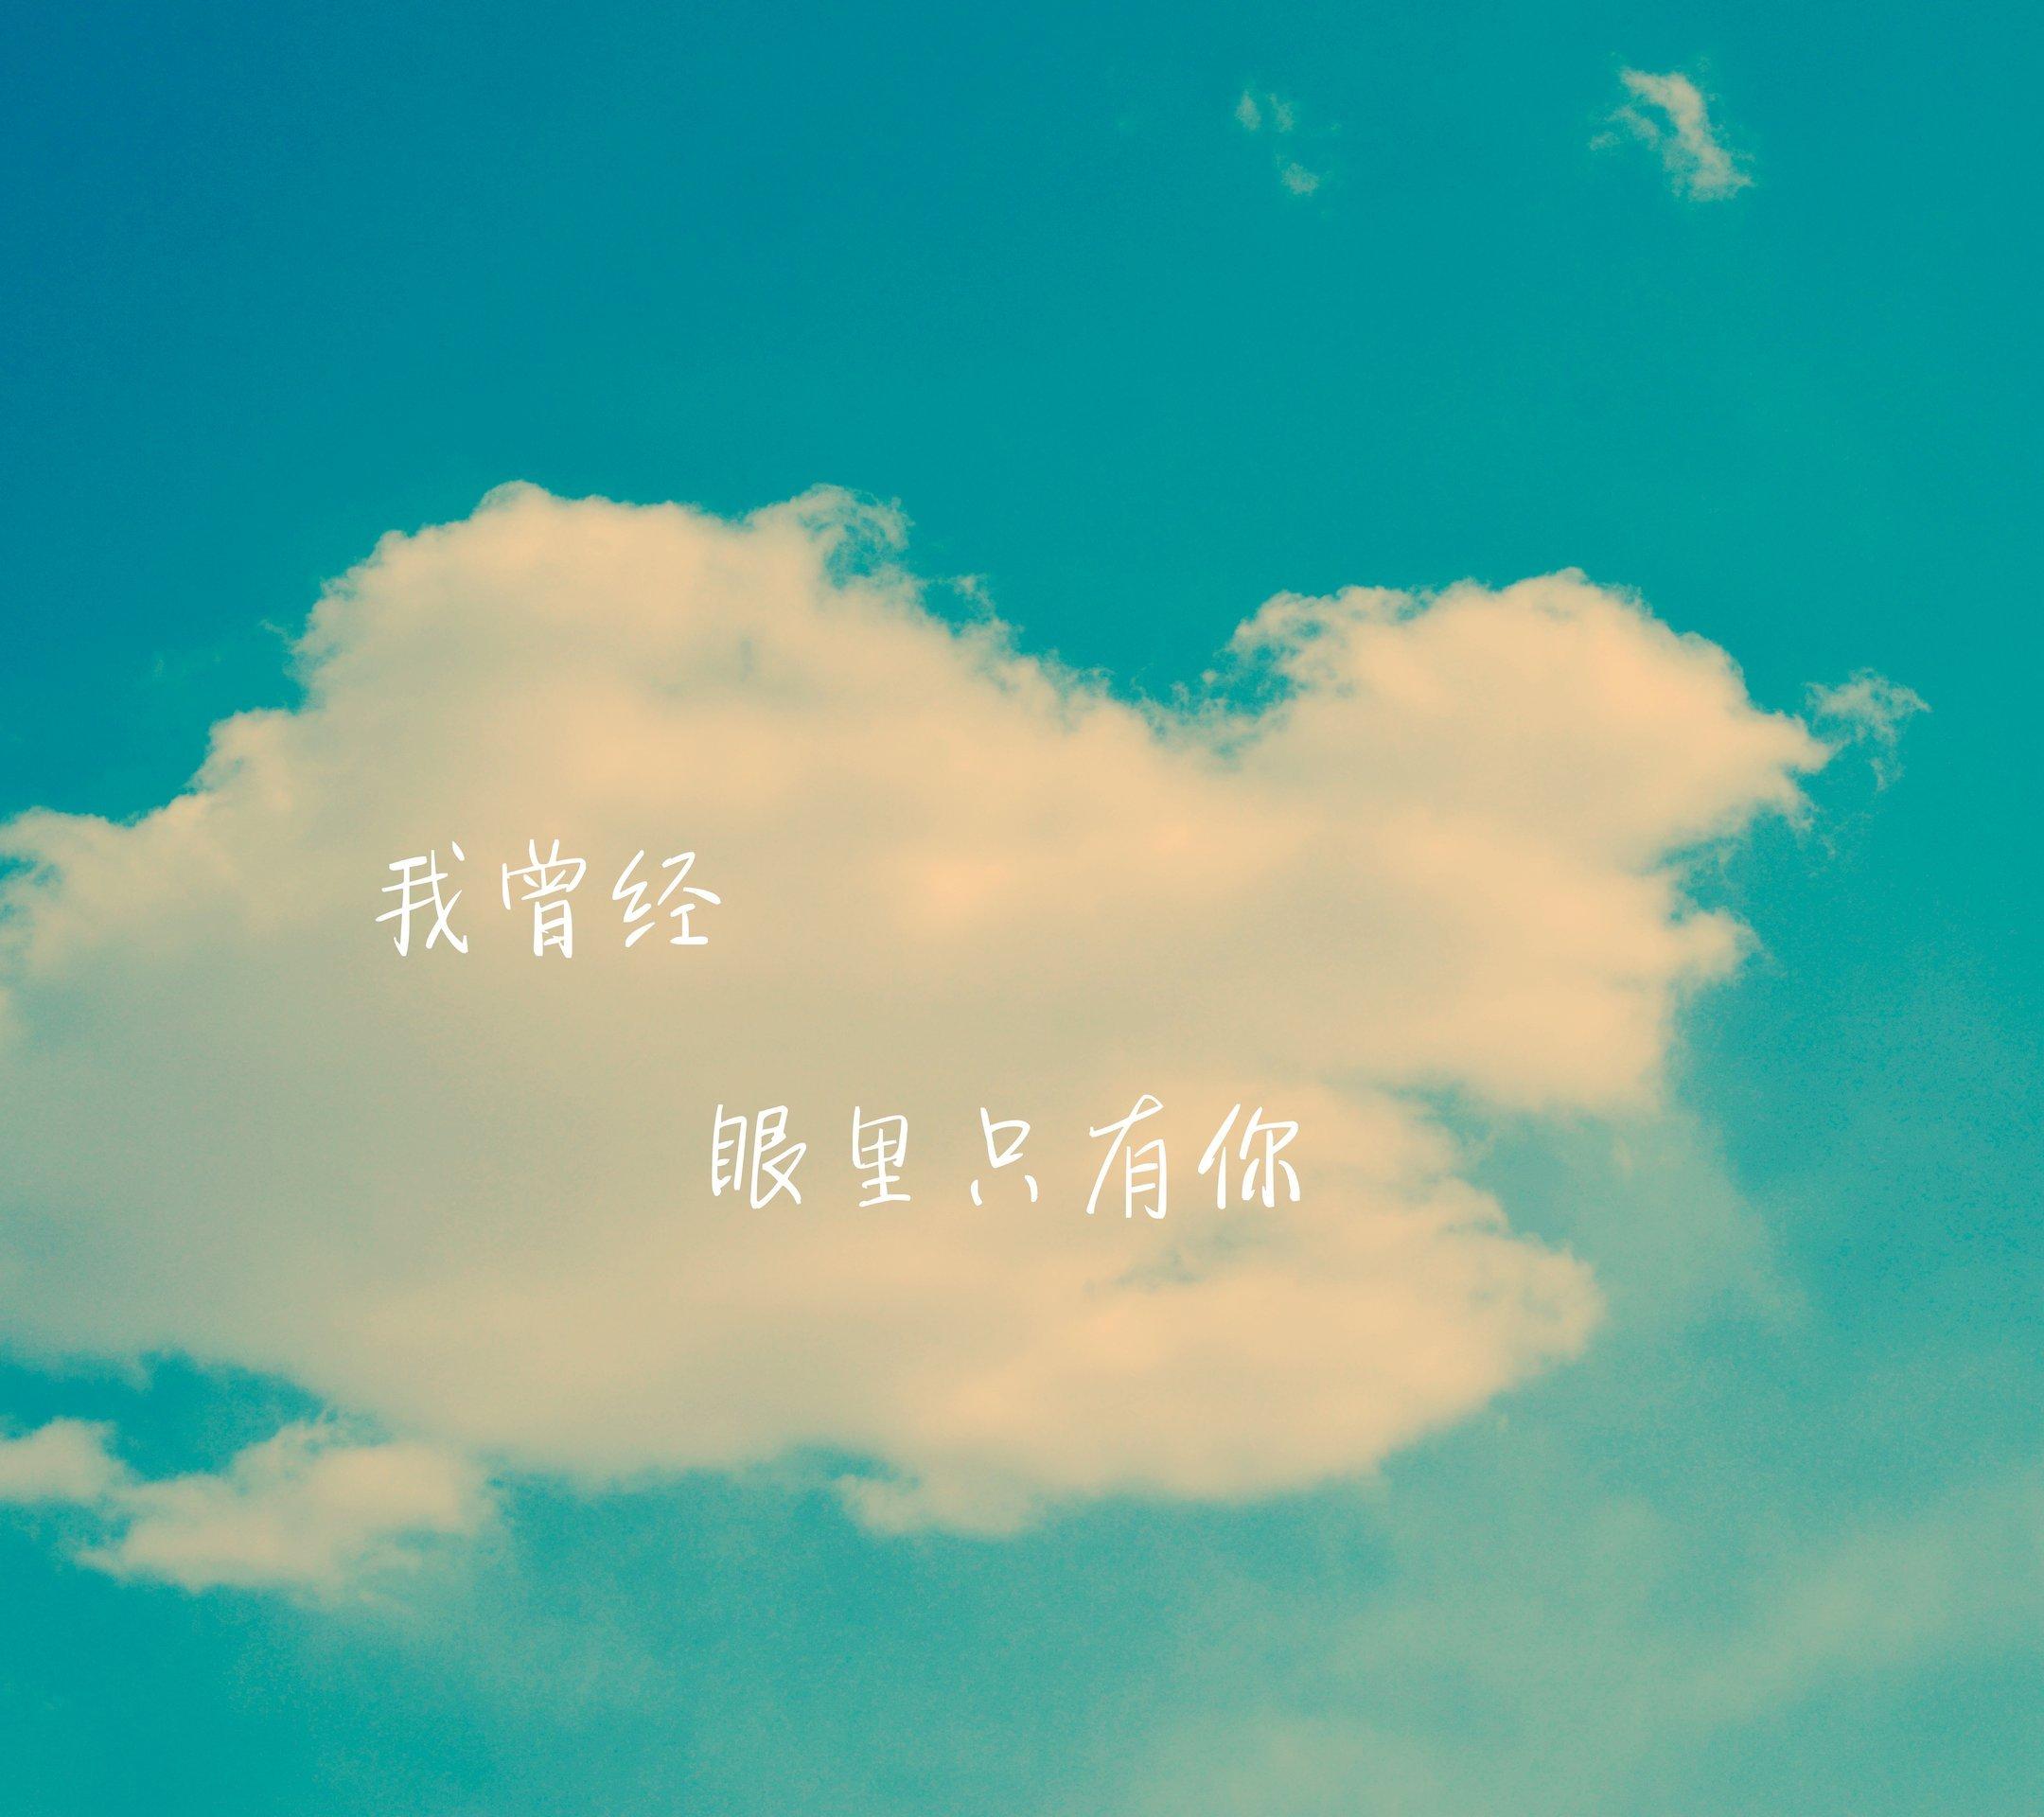 背景 壁纸 风景 天空 桌面 2160_1920